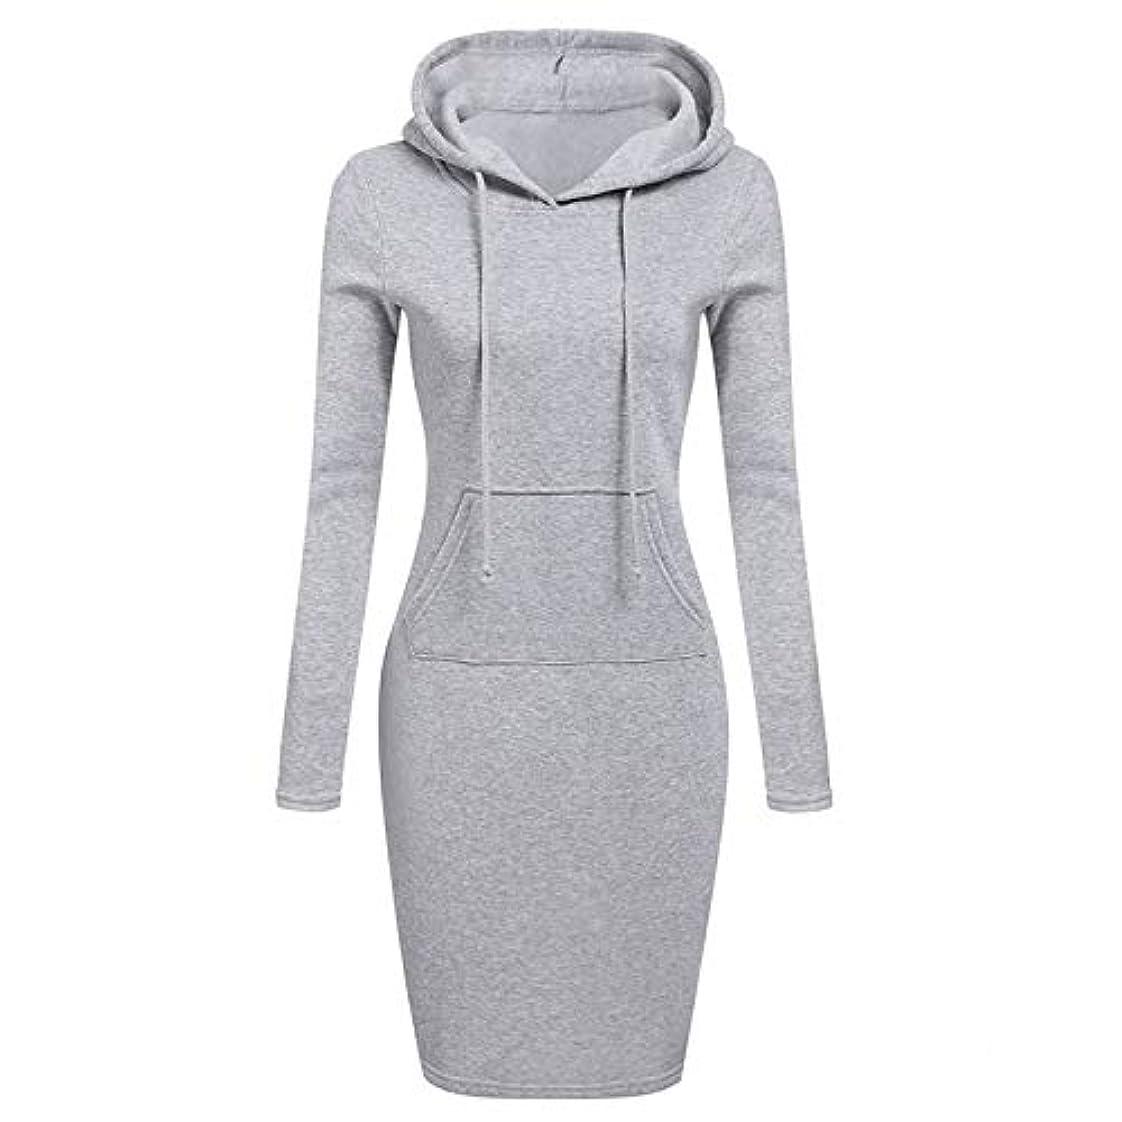 規範規範考えたOnderroa - ファッションフード付き巾着フリースの女性のドレス秋冬はドレス女性Vestidosパーカースウェットシャツドレスを温めます